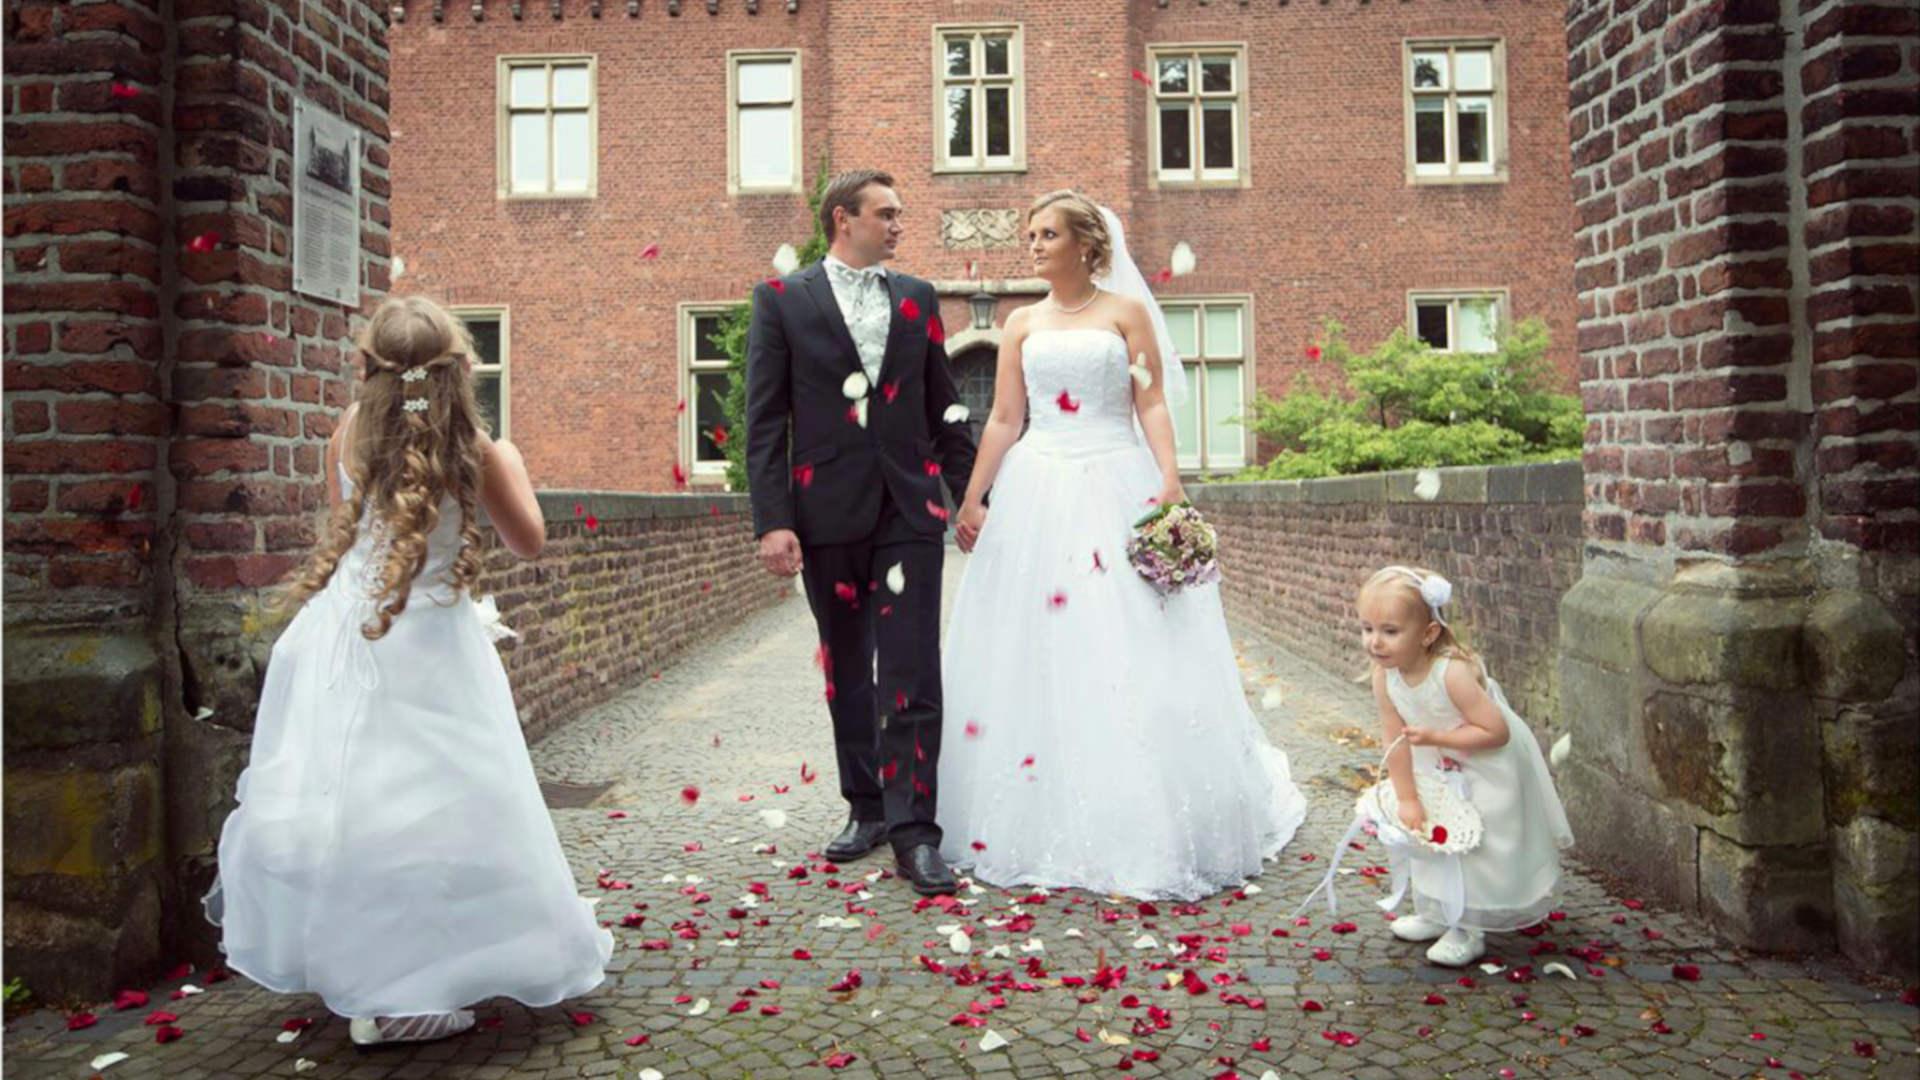 Mobiles Brautstyling  Schoenheitsschule